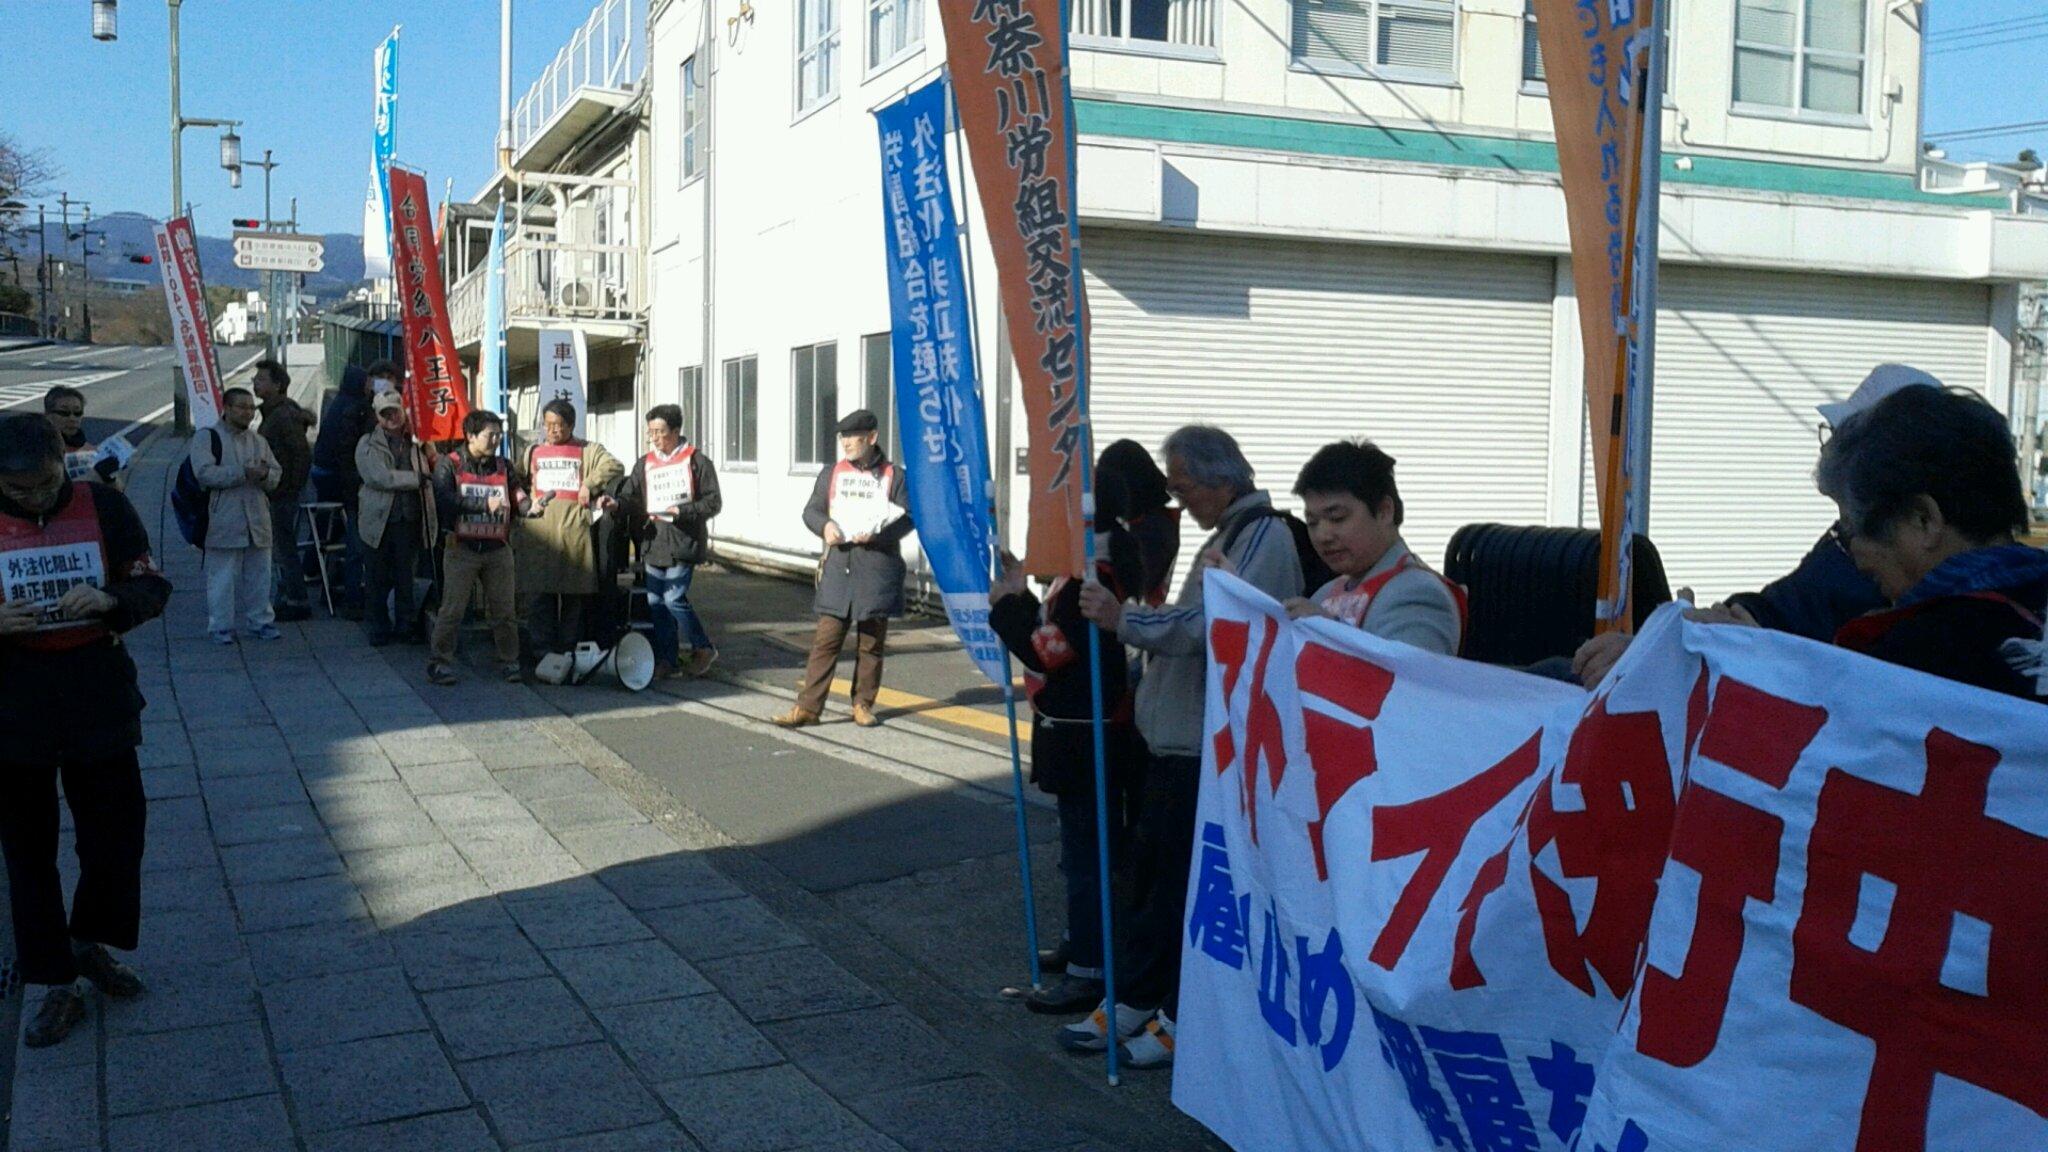 3月26日、動労神奈川・桑原組合員が24時間ストライキに決起_d0155415_1034717.jpg